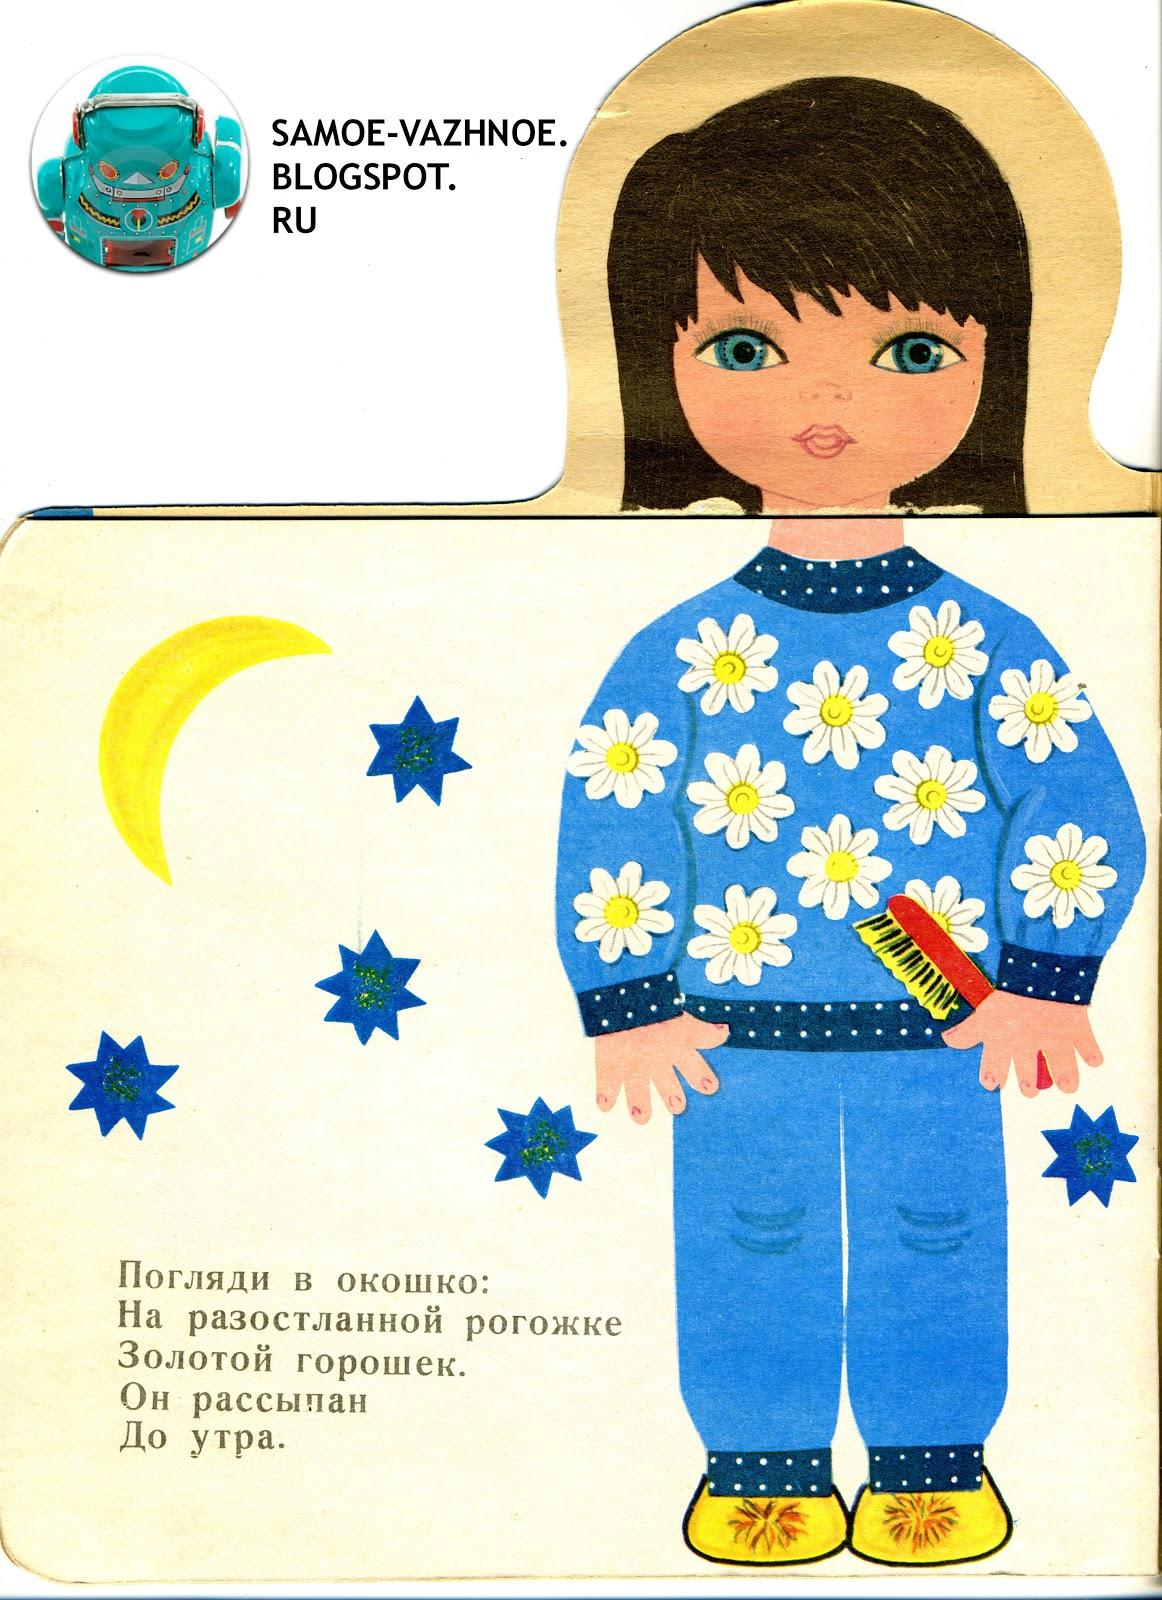 Книга СССР 2 девочки школа, дом, каток, танец, новый год, день рожденья. Книга-кукла